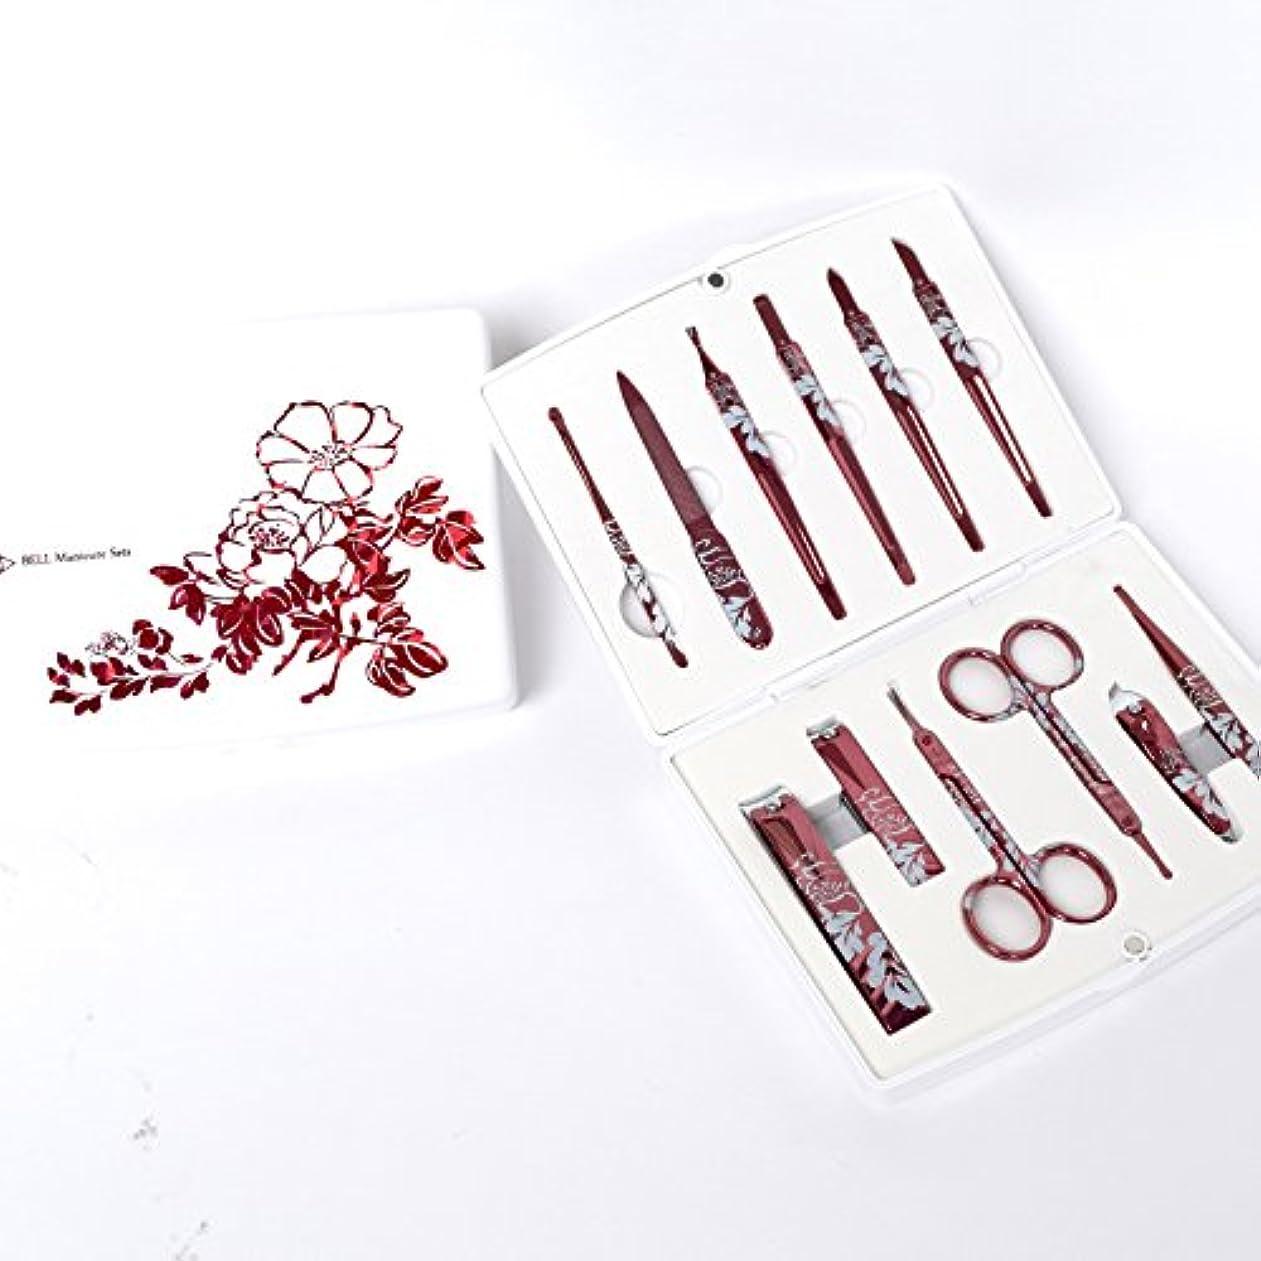 染料墓配置BELL Manicure Sets BM-500A ポータブル爪の管理セット 爪切りセット 高品質のネイルケアセット高級感のある東洋画のデザイン Portable Nail Clippers Nail Care Set